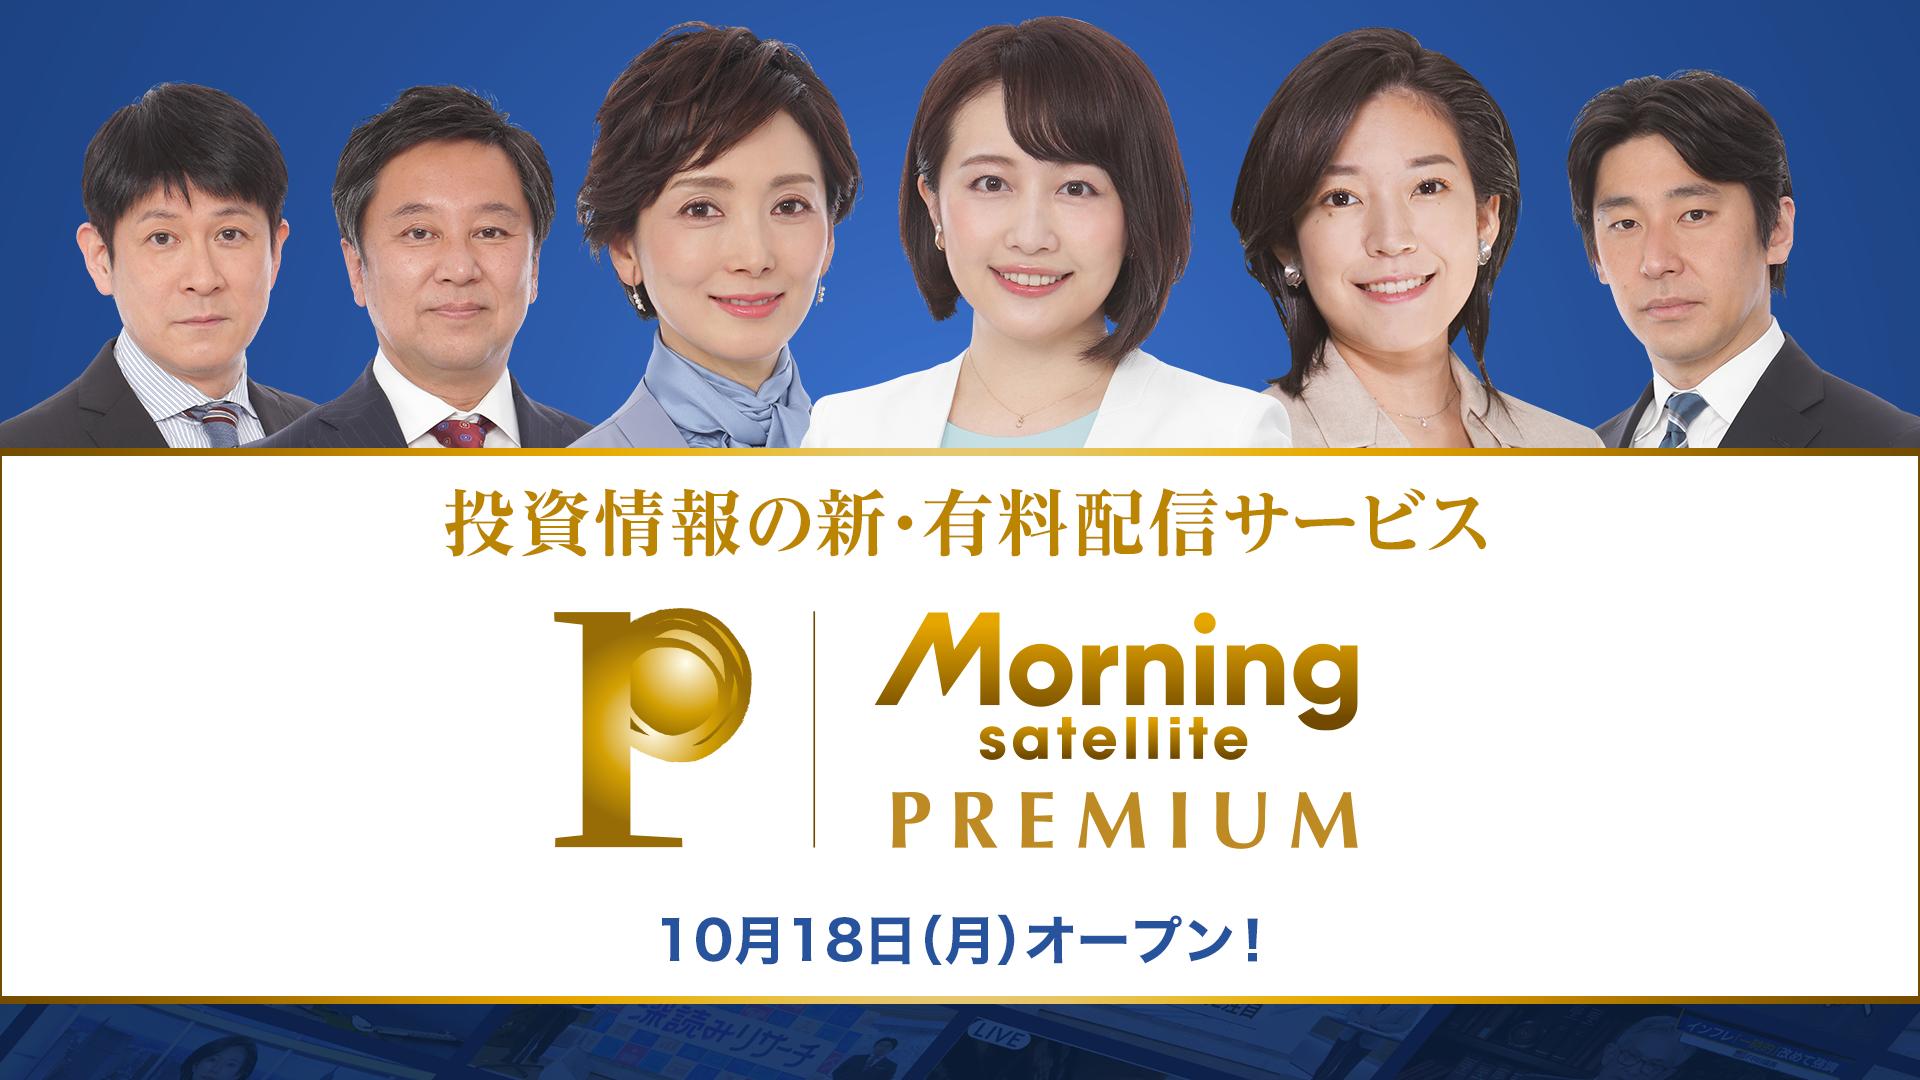 テレビ東京初の定額制投資情報専門サービスが10/18スタート!NY株や世界の金融情報を今以上にいち早くお届け!「モーサテプレミアム」